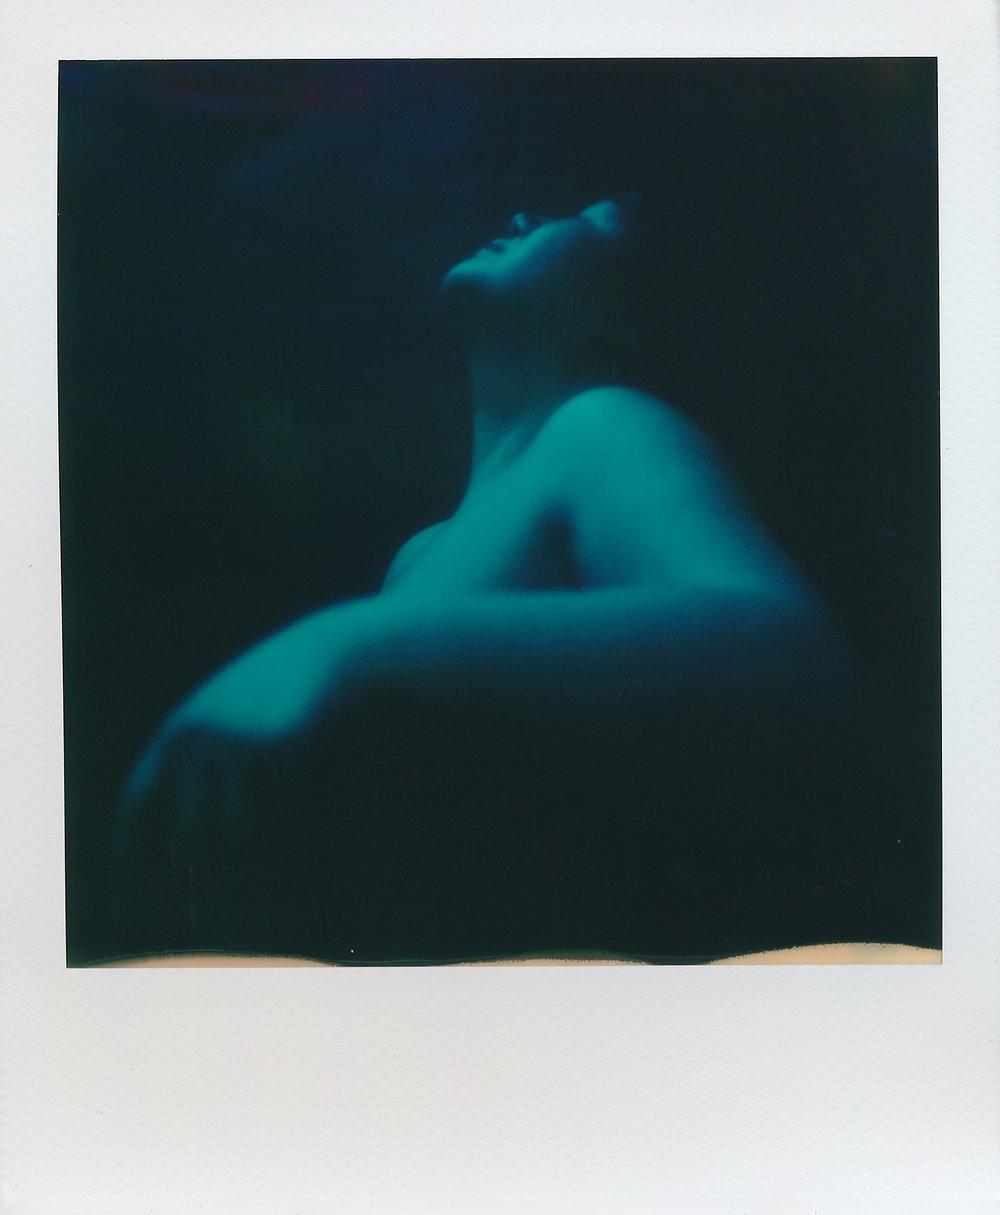 Raw Blues | Polaroid SX-70 Model 2 | Polaroid Originals Color for SX-70 | Phillippe Galanopoulos